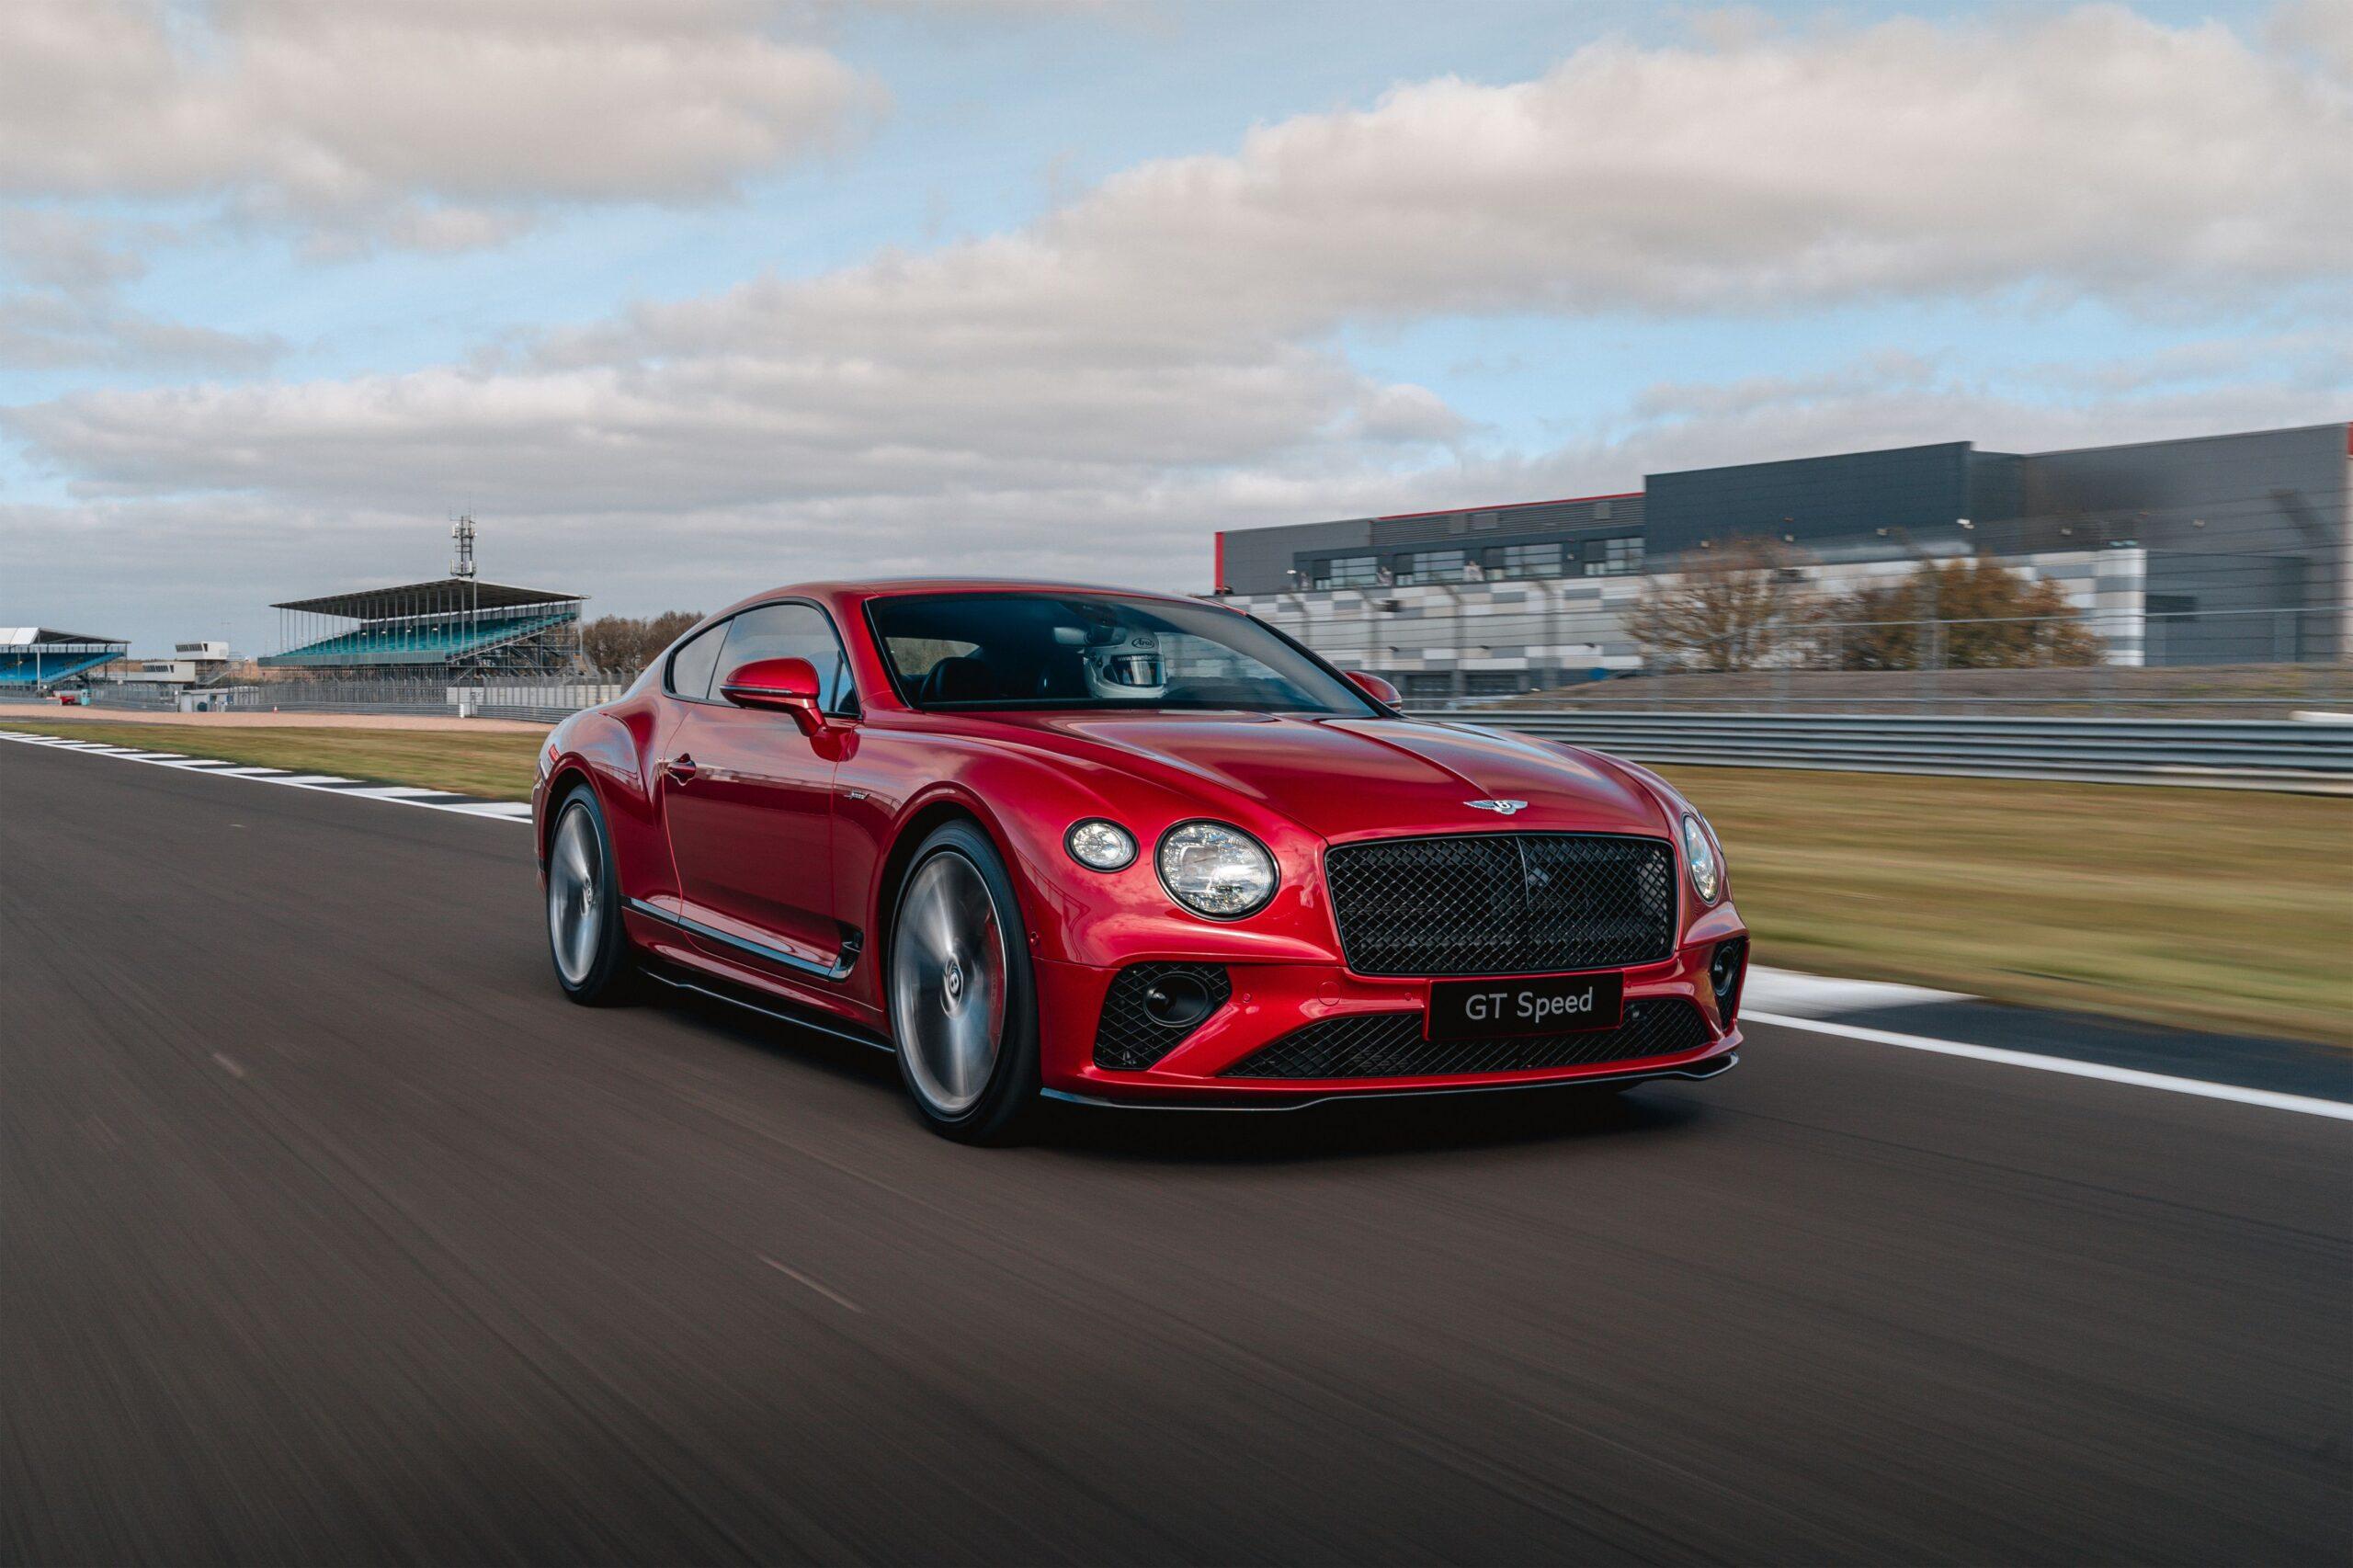 Bentley chassis